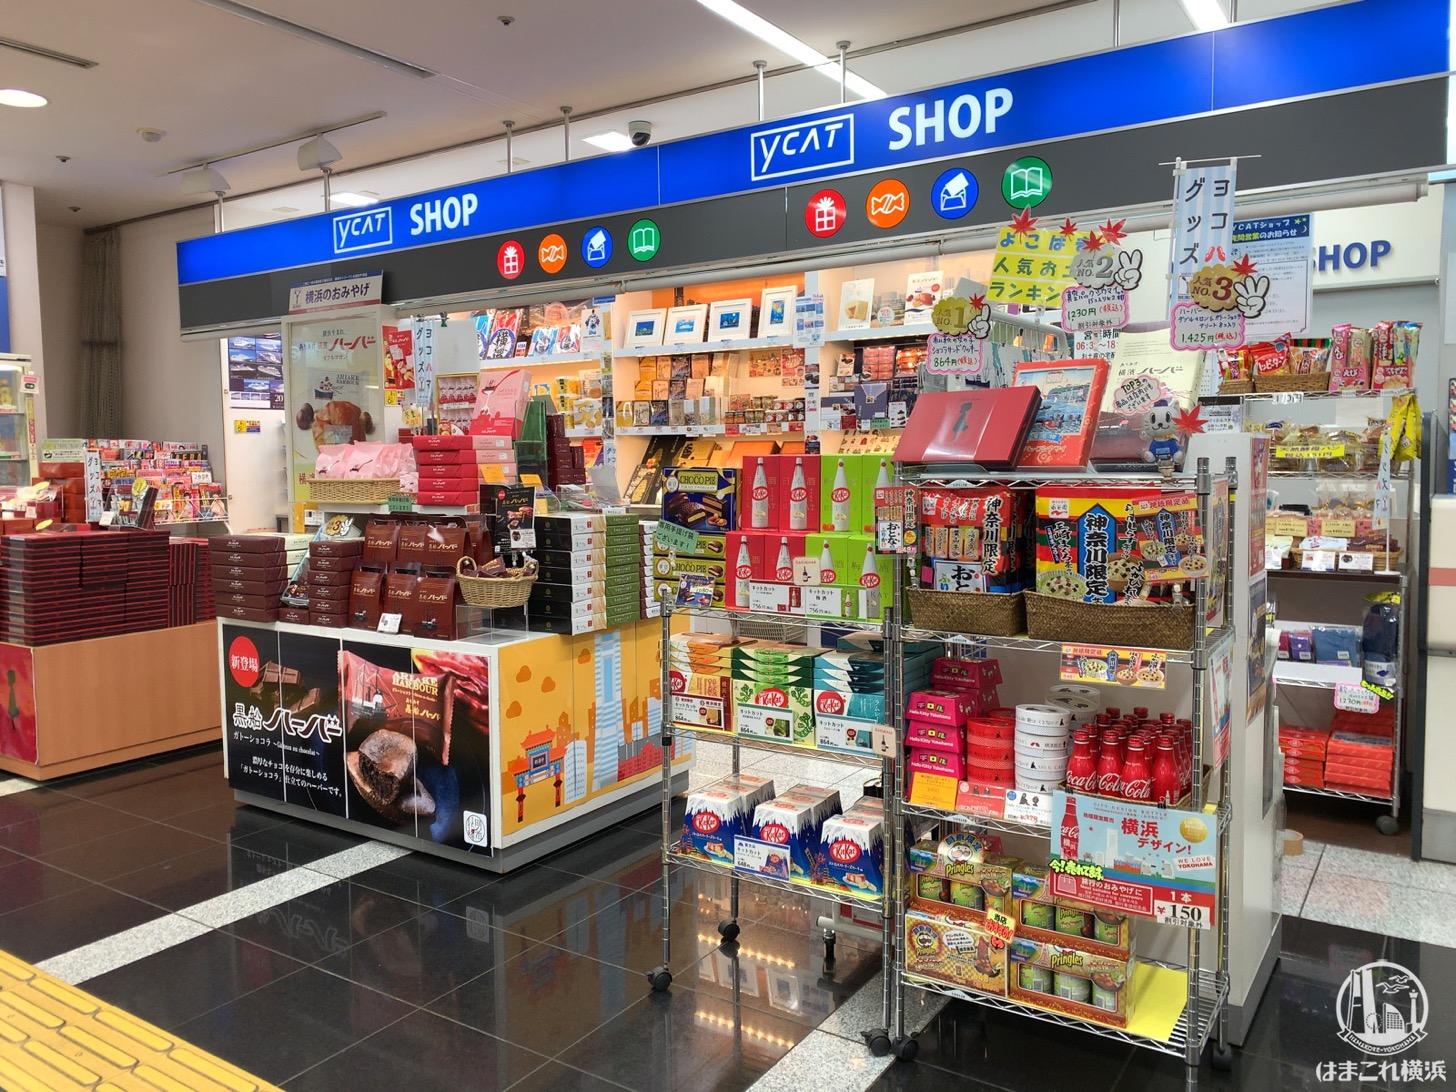 横浜駅 YCATショップ